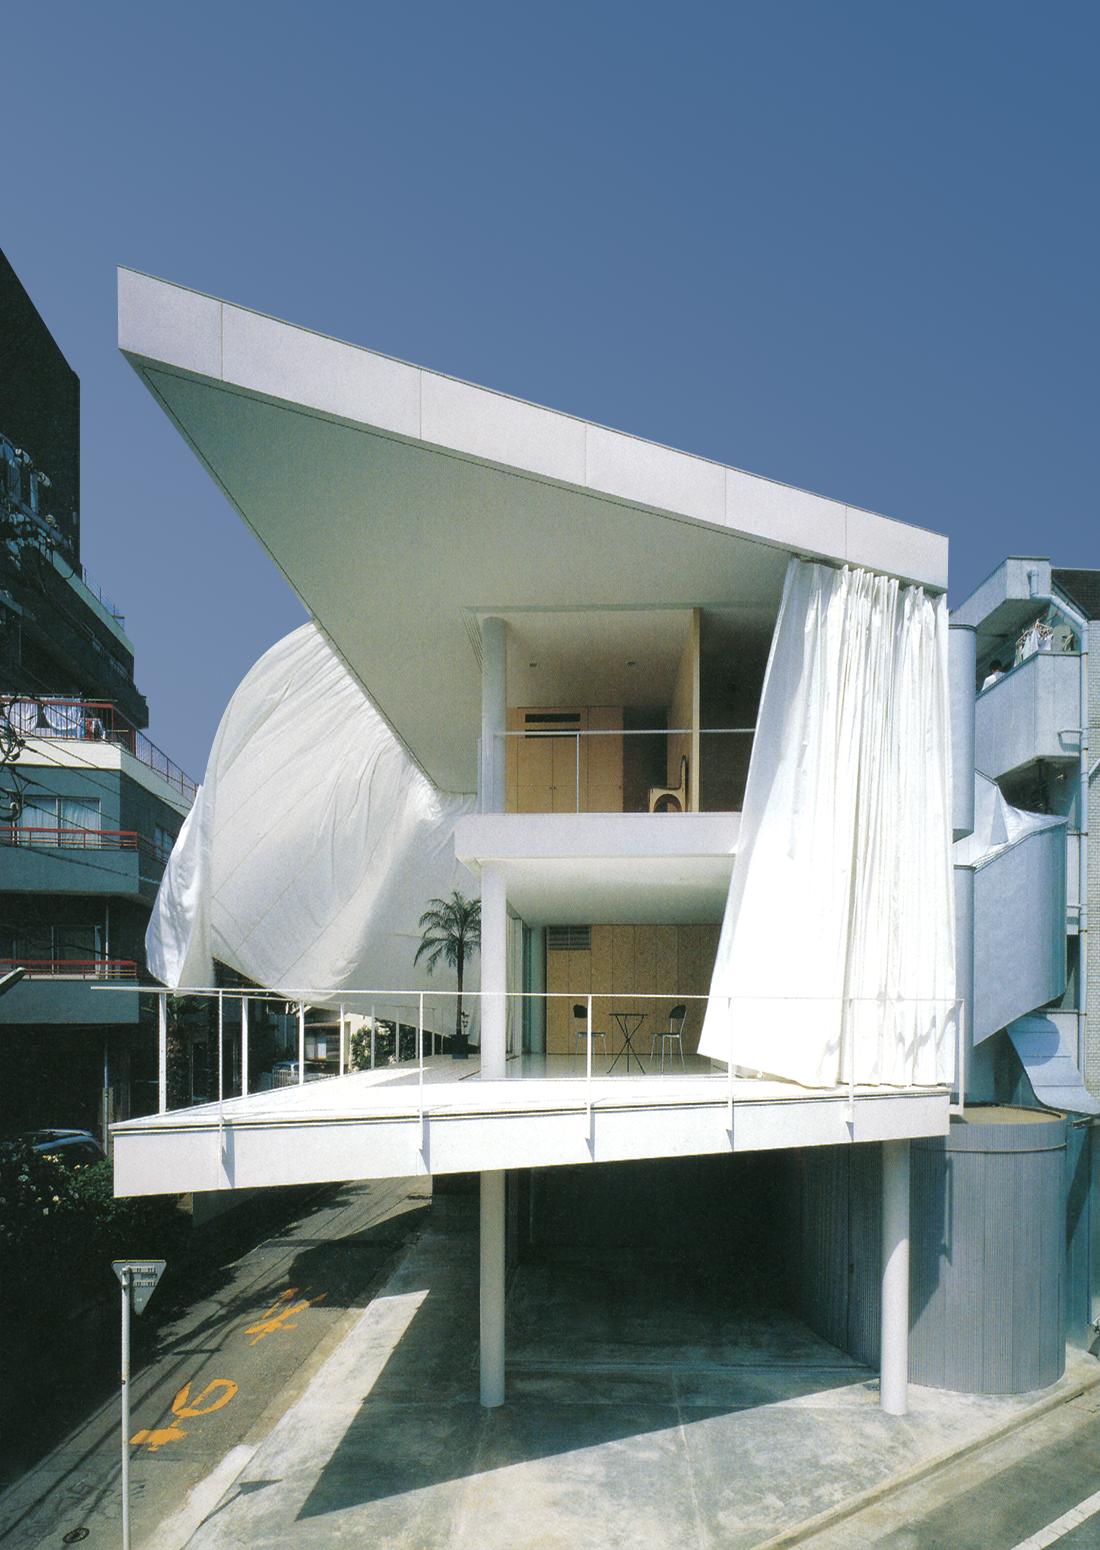 گروه معماری شیگِرو بان، خانهای با دیوارهای پارچهای؛ توکیو، ژاپن، 1995.